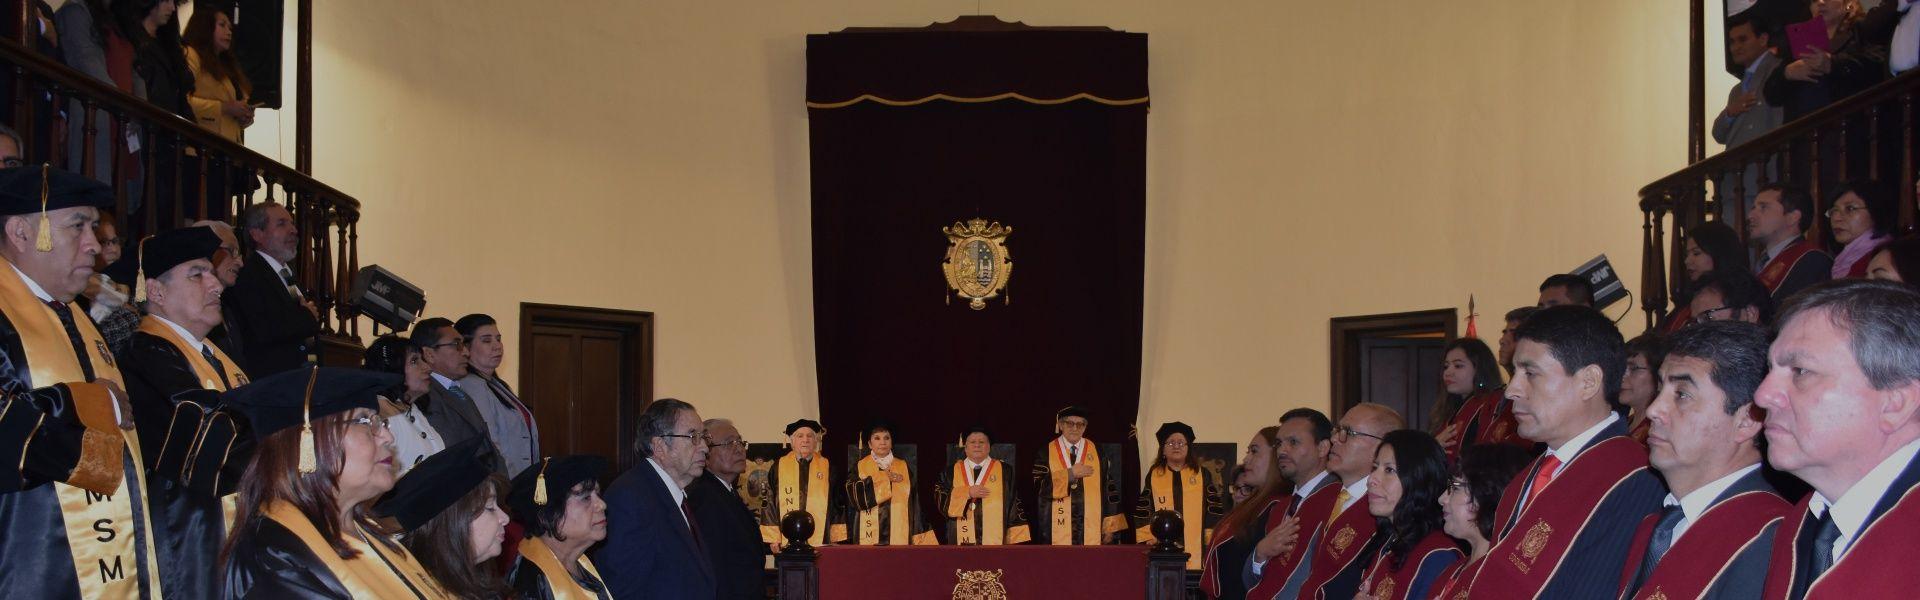 Ceremonia de Graduación y Titulación 2021